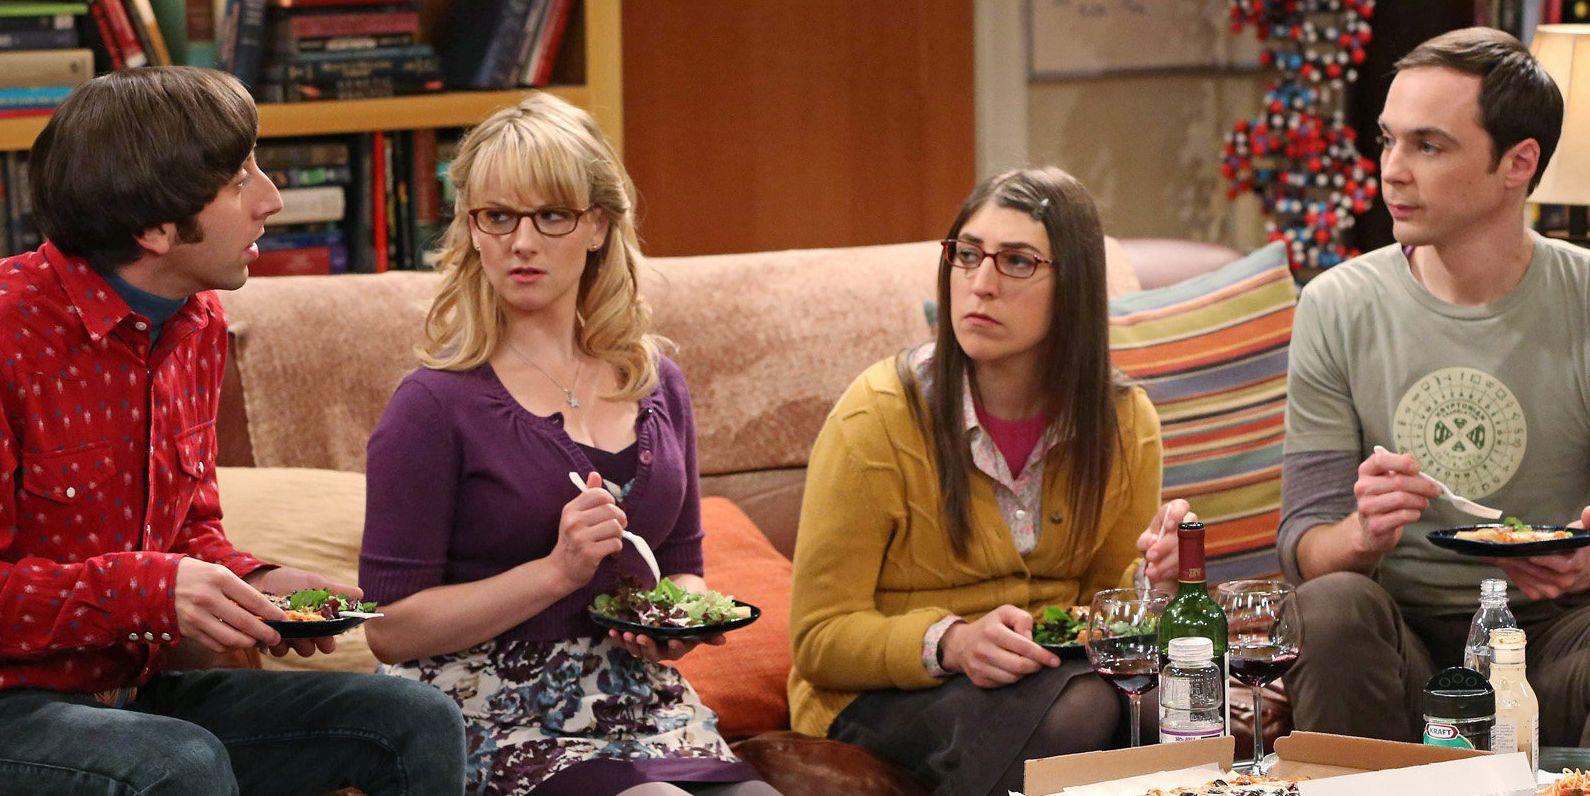 The Big Bang Theory Stars Take Pay Cuts to Get Mayim Bialik and Melissa Rauch Equal Pay